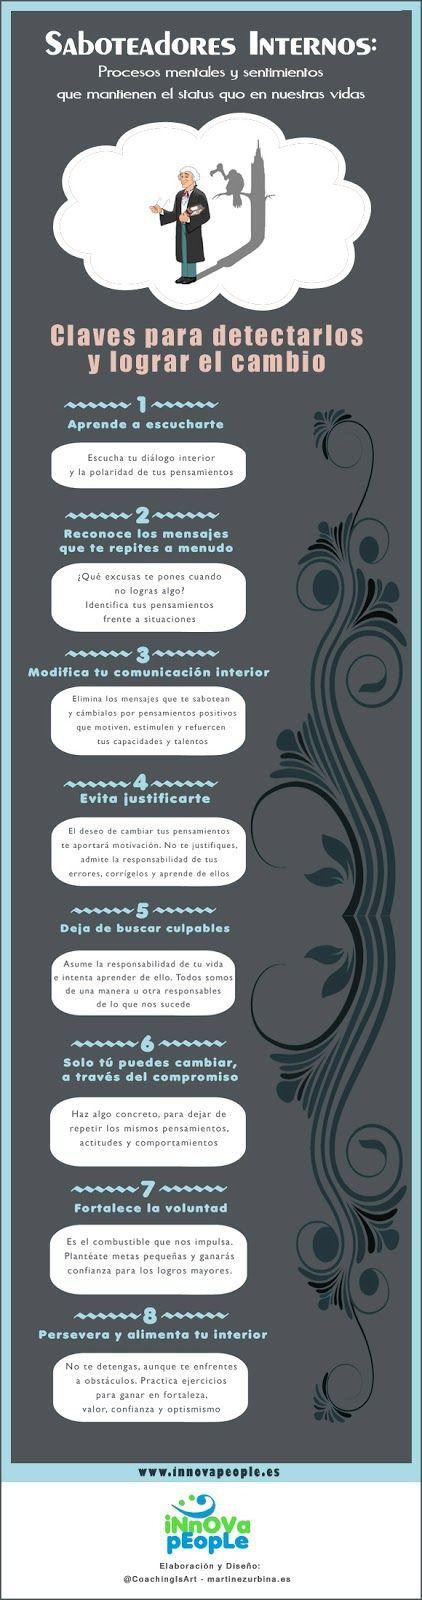 SaboteadoresInternos-Infografía-BlogGesvin